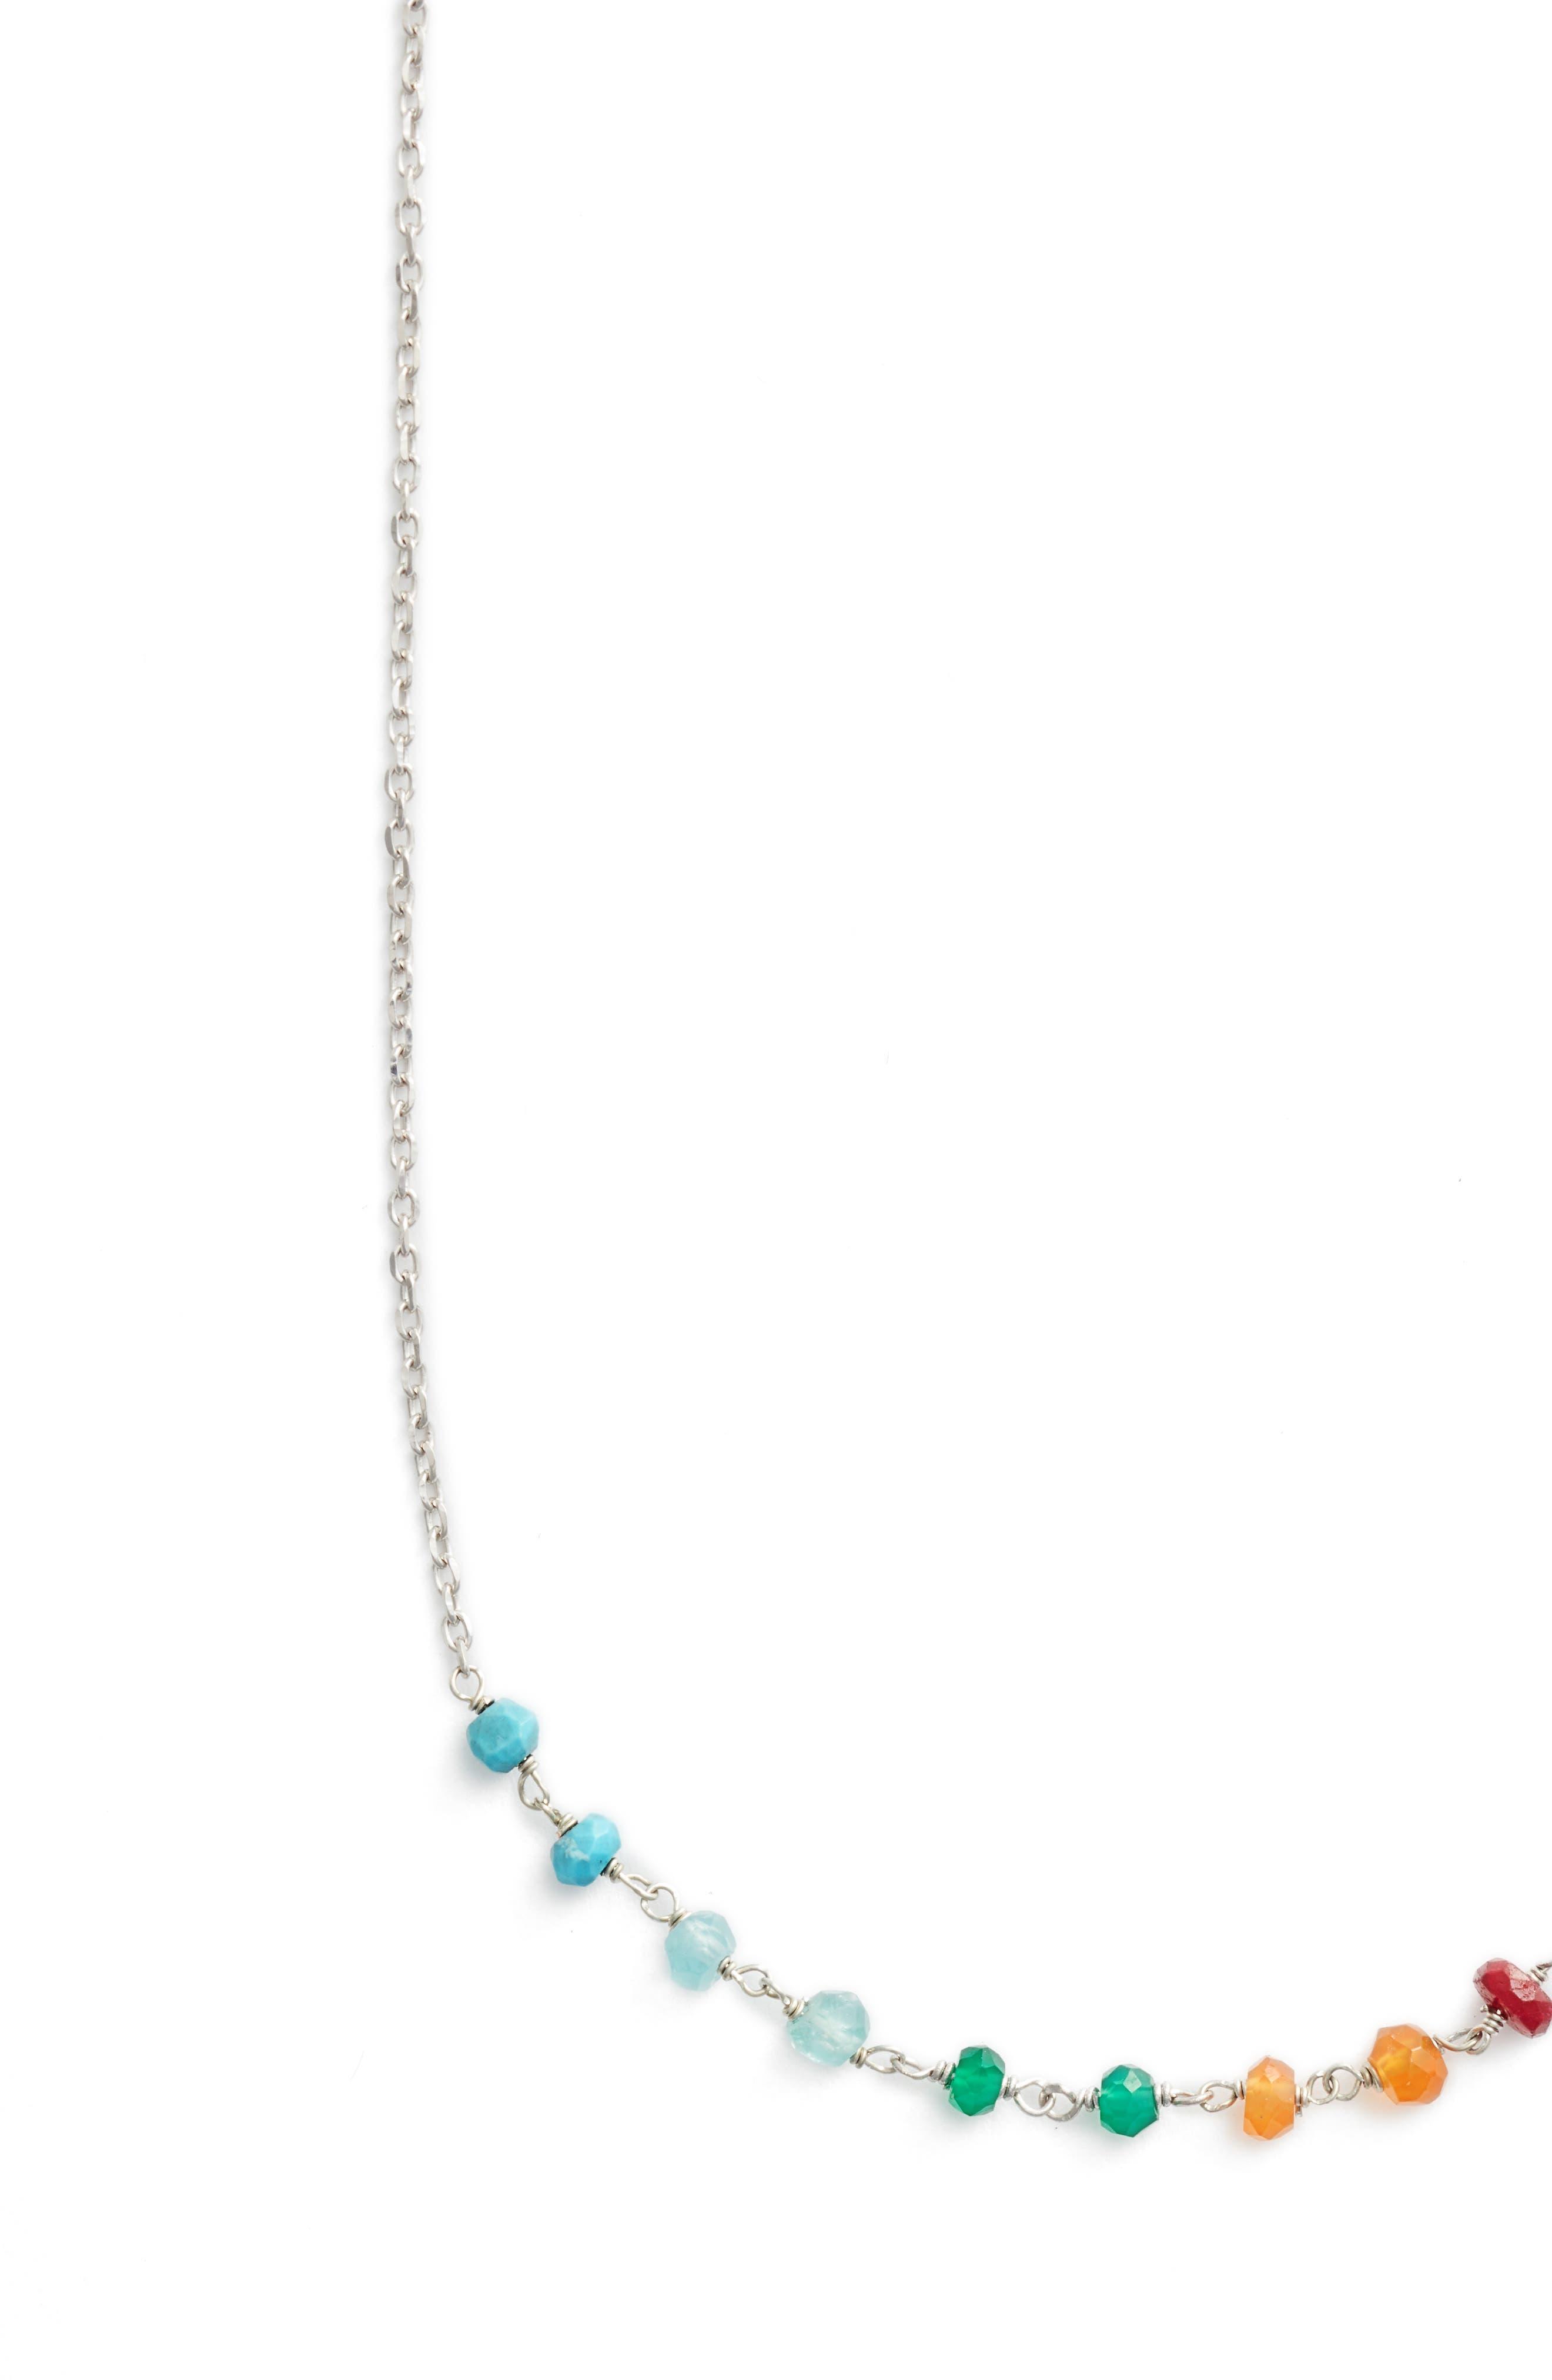 Lapis Collar Necklace,                         Main,                         color, SILVER/ LABRADORITE